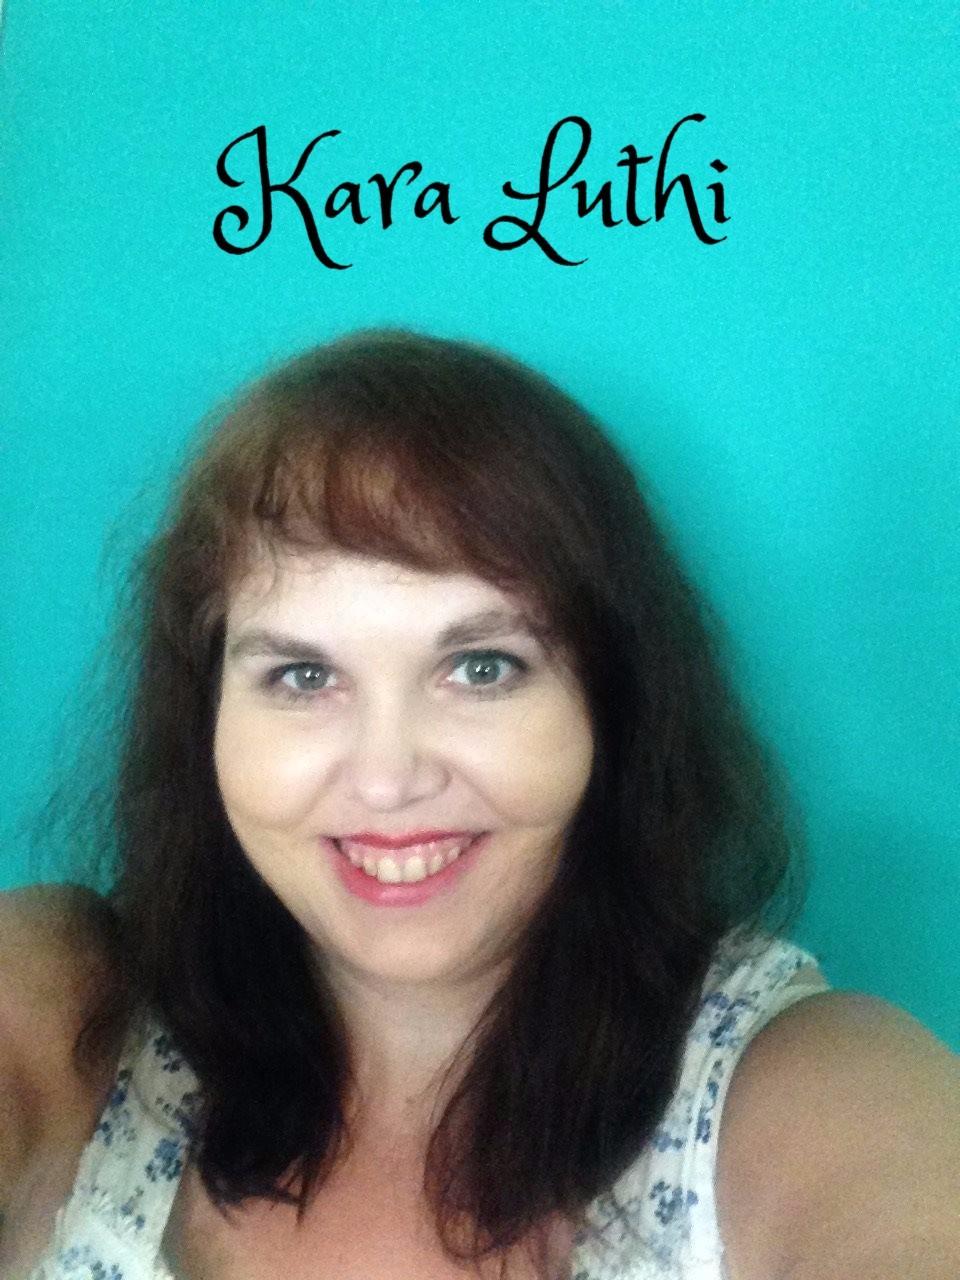 Artist Kara Luthi